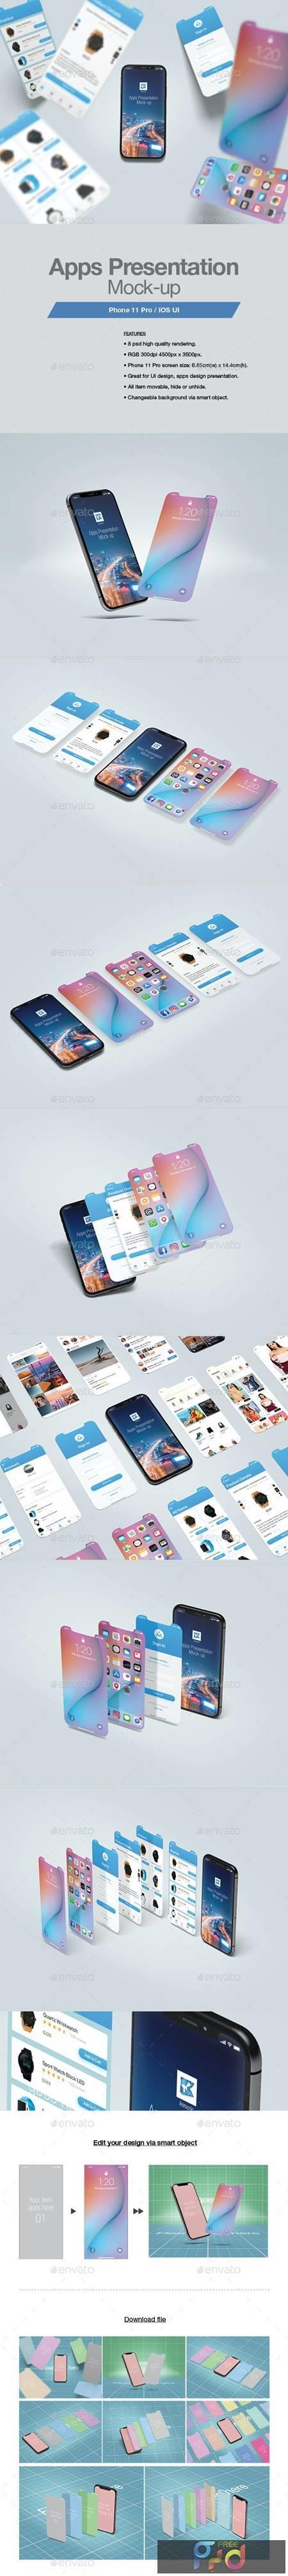 Apps Presentation Mock-up 27716198 1